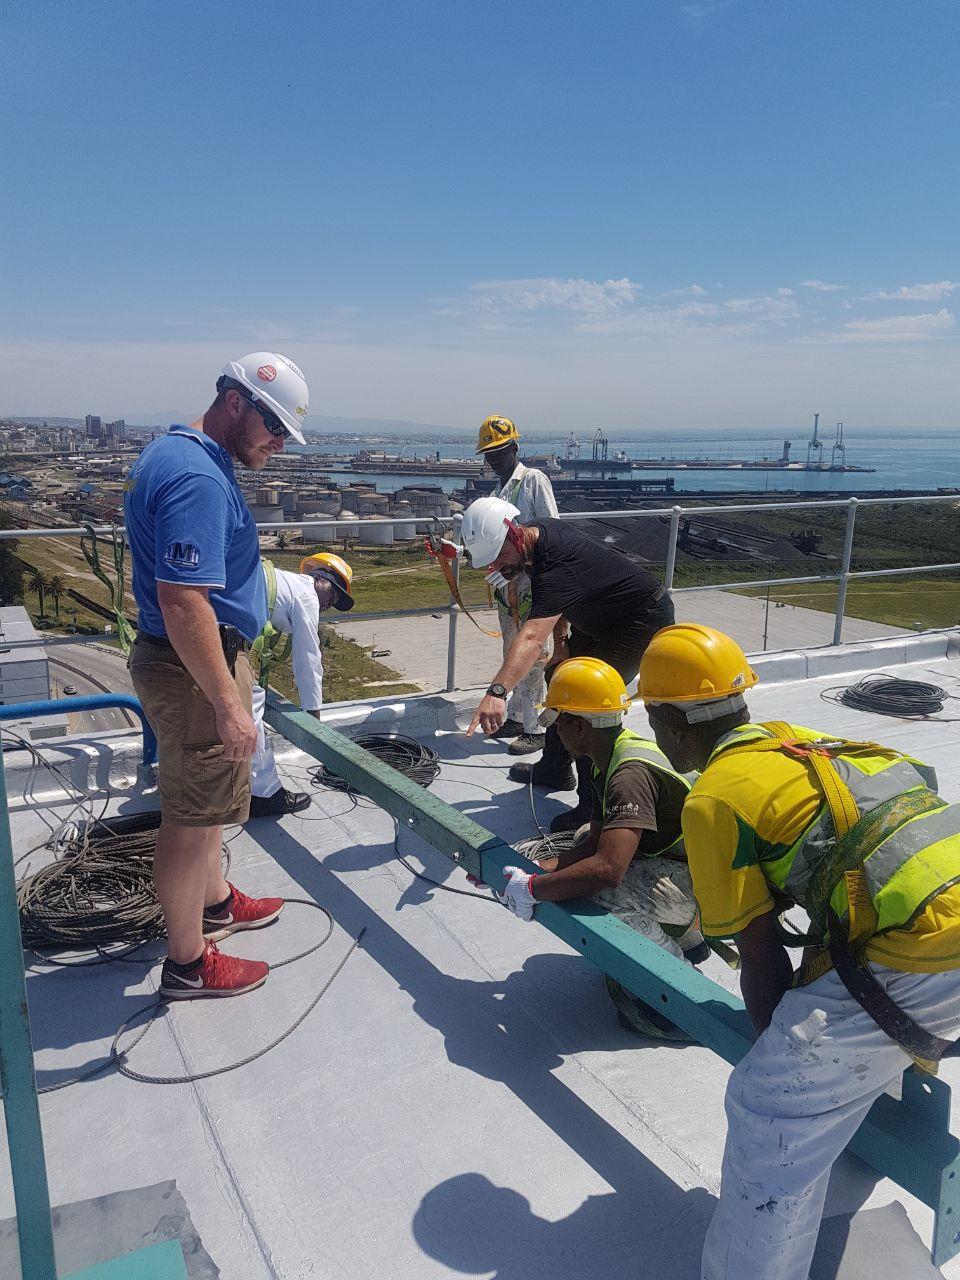 instaling swing scaffolding